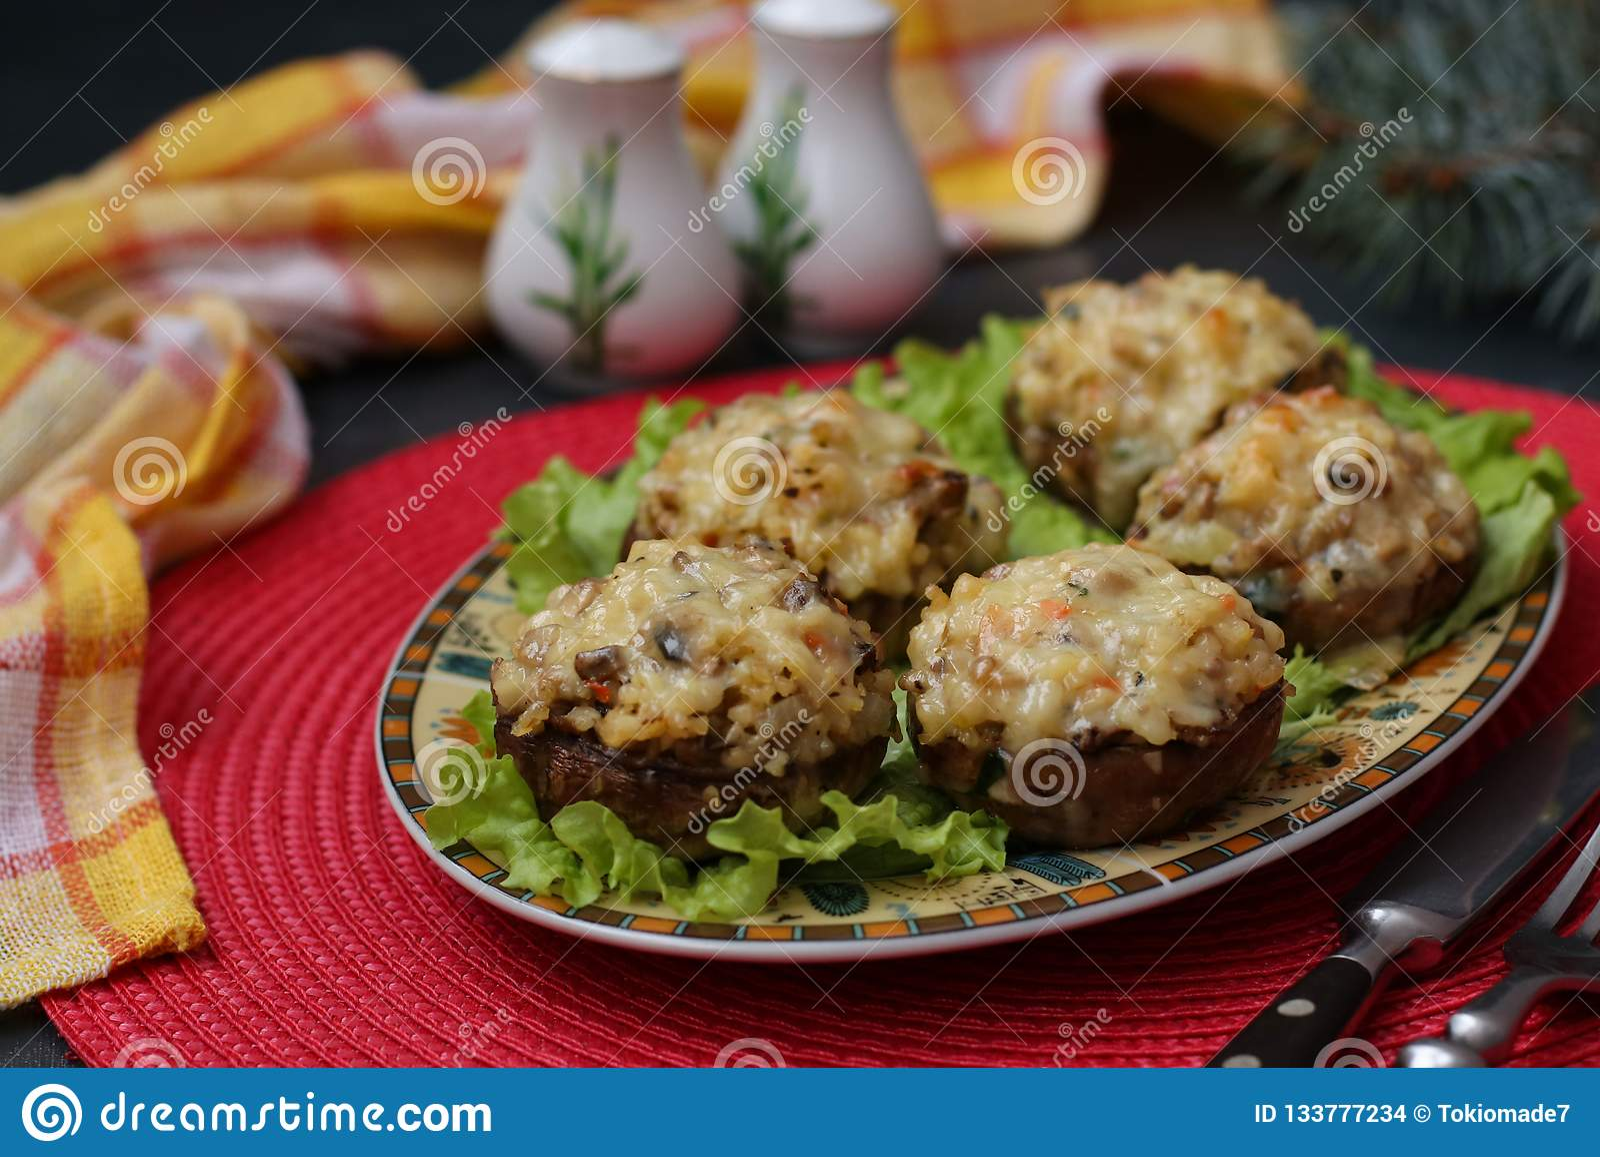 Cogumelos enchidos com mozzarella, vegetais e bulgur